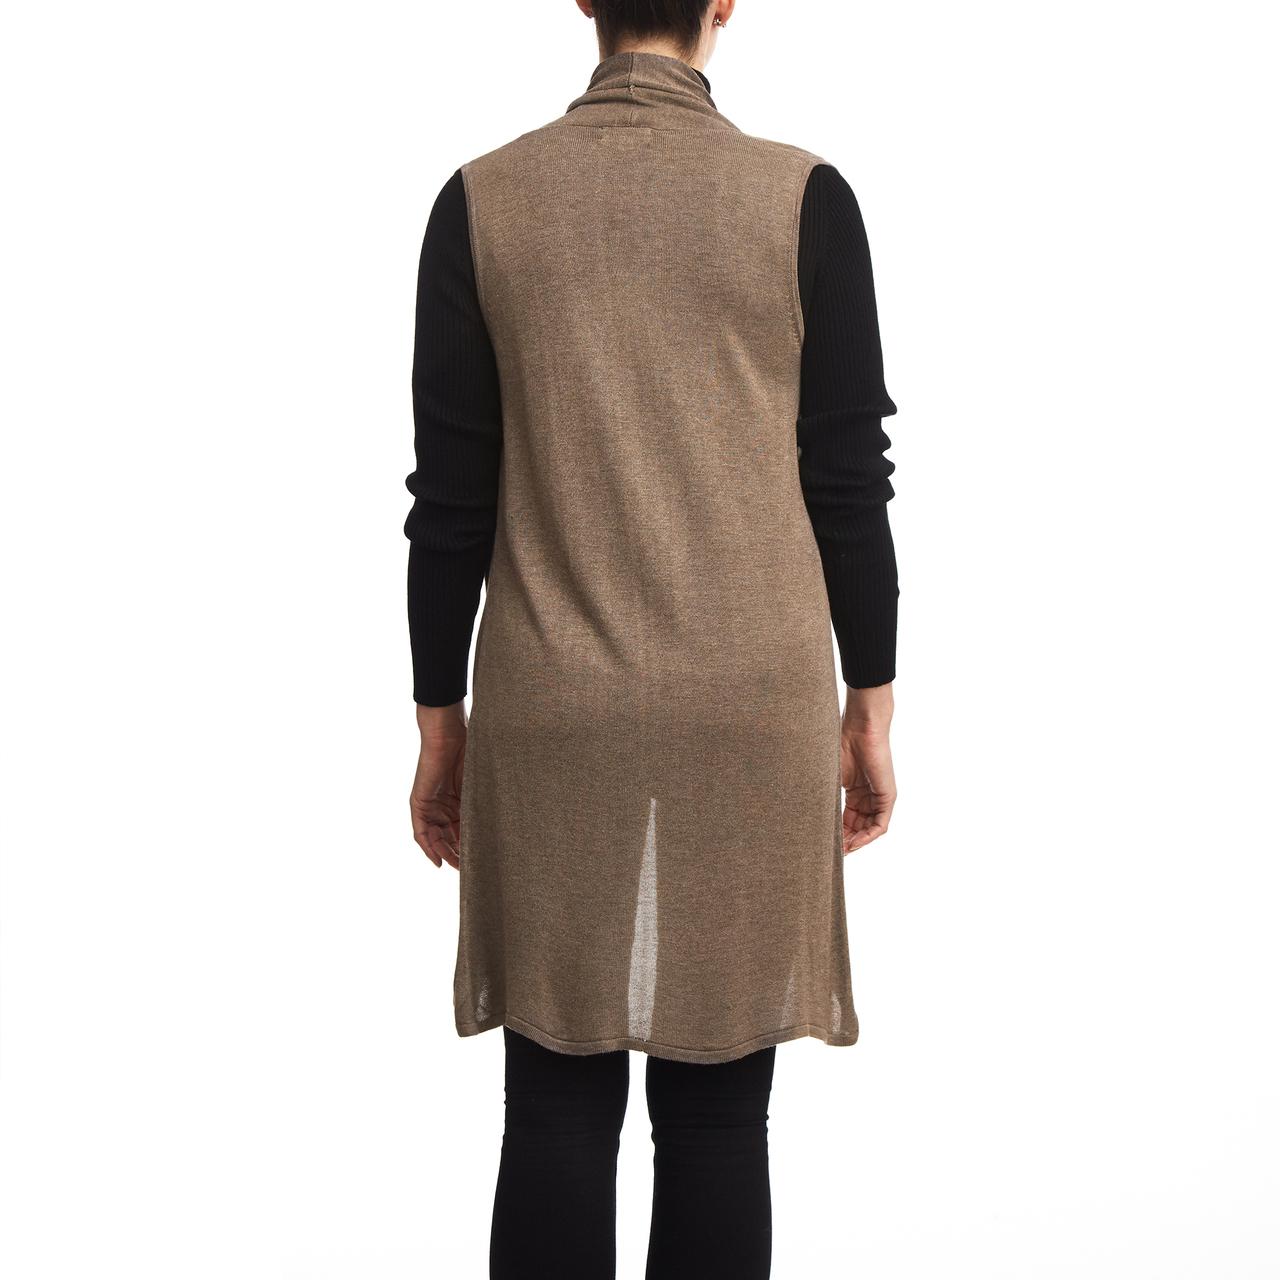 Open Sleeveless Vest In Mocha Heather